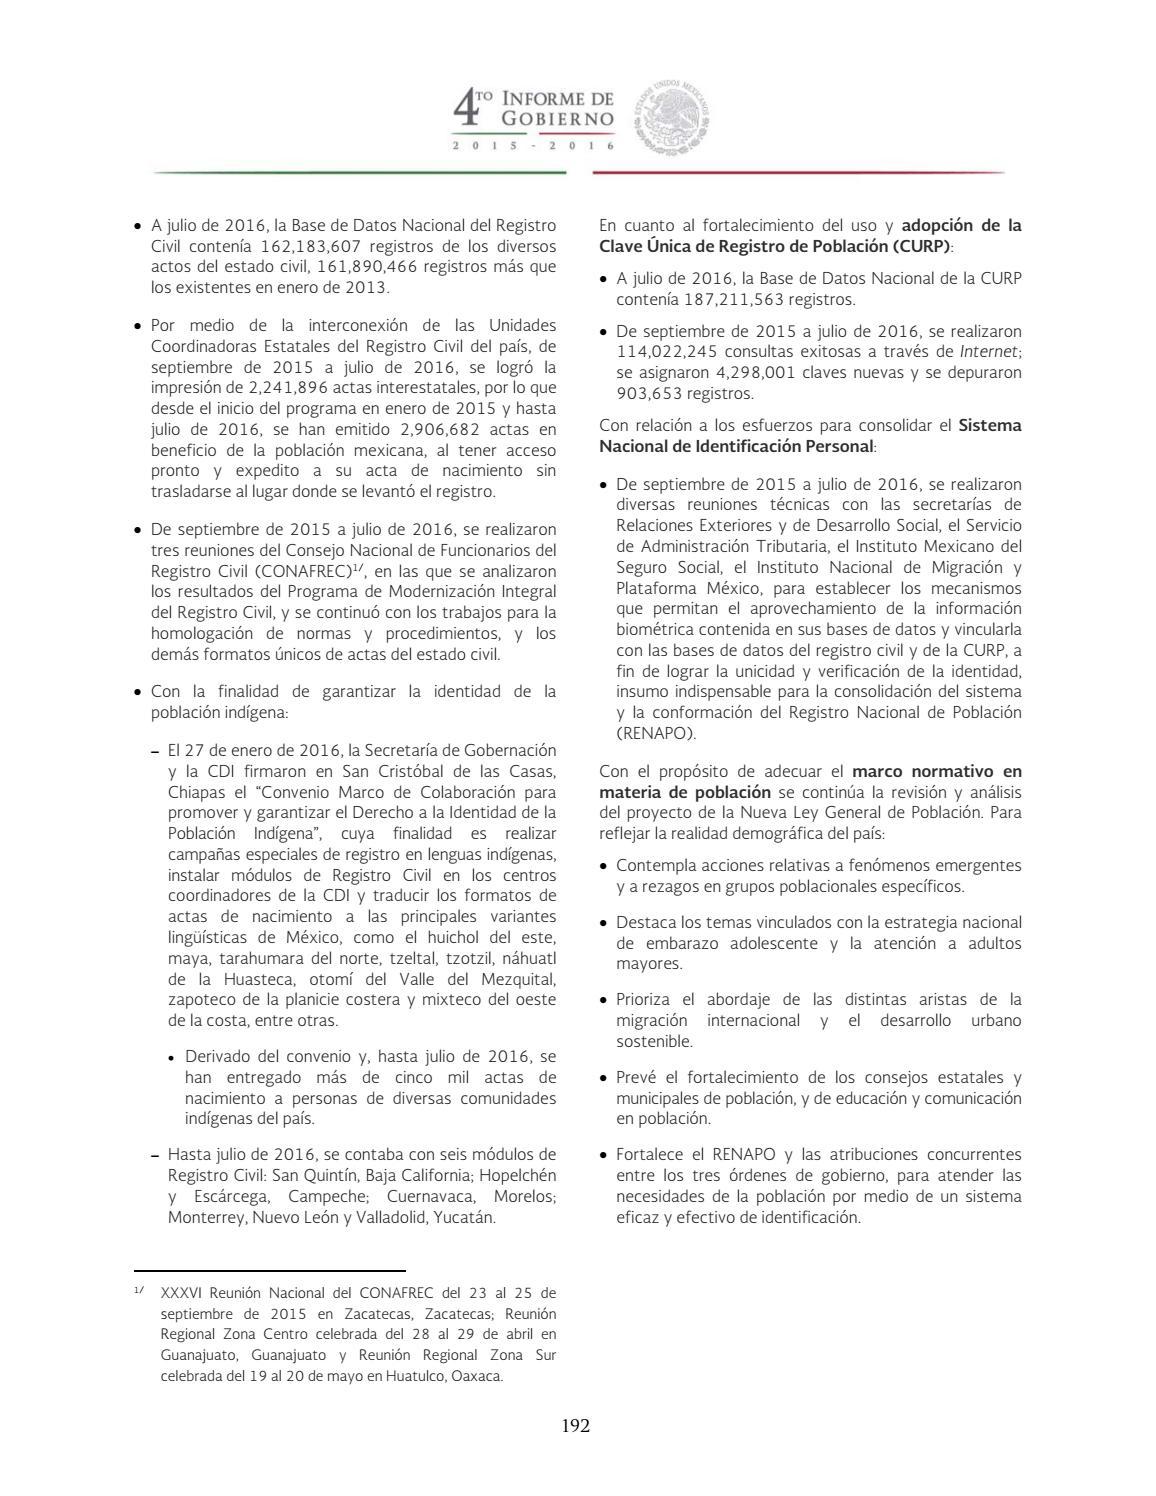 4to Informe De Gobierno Epn 3 By Confederación De Jubilados